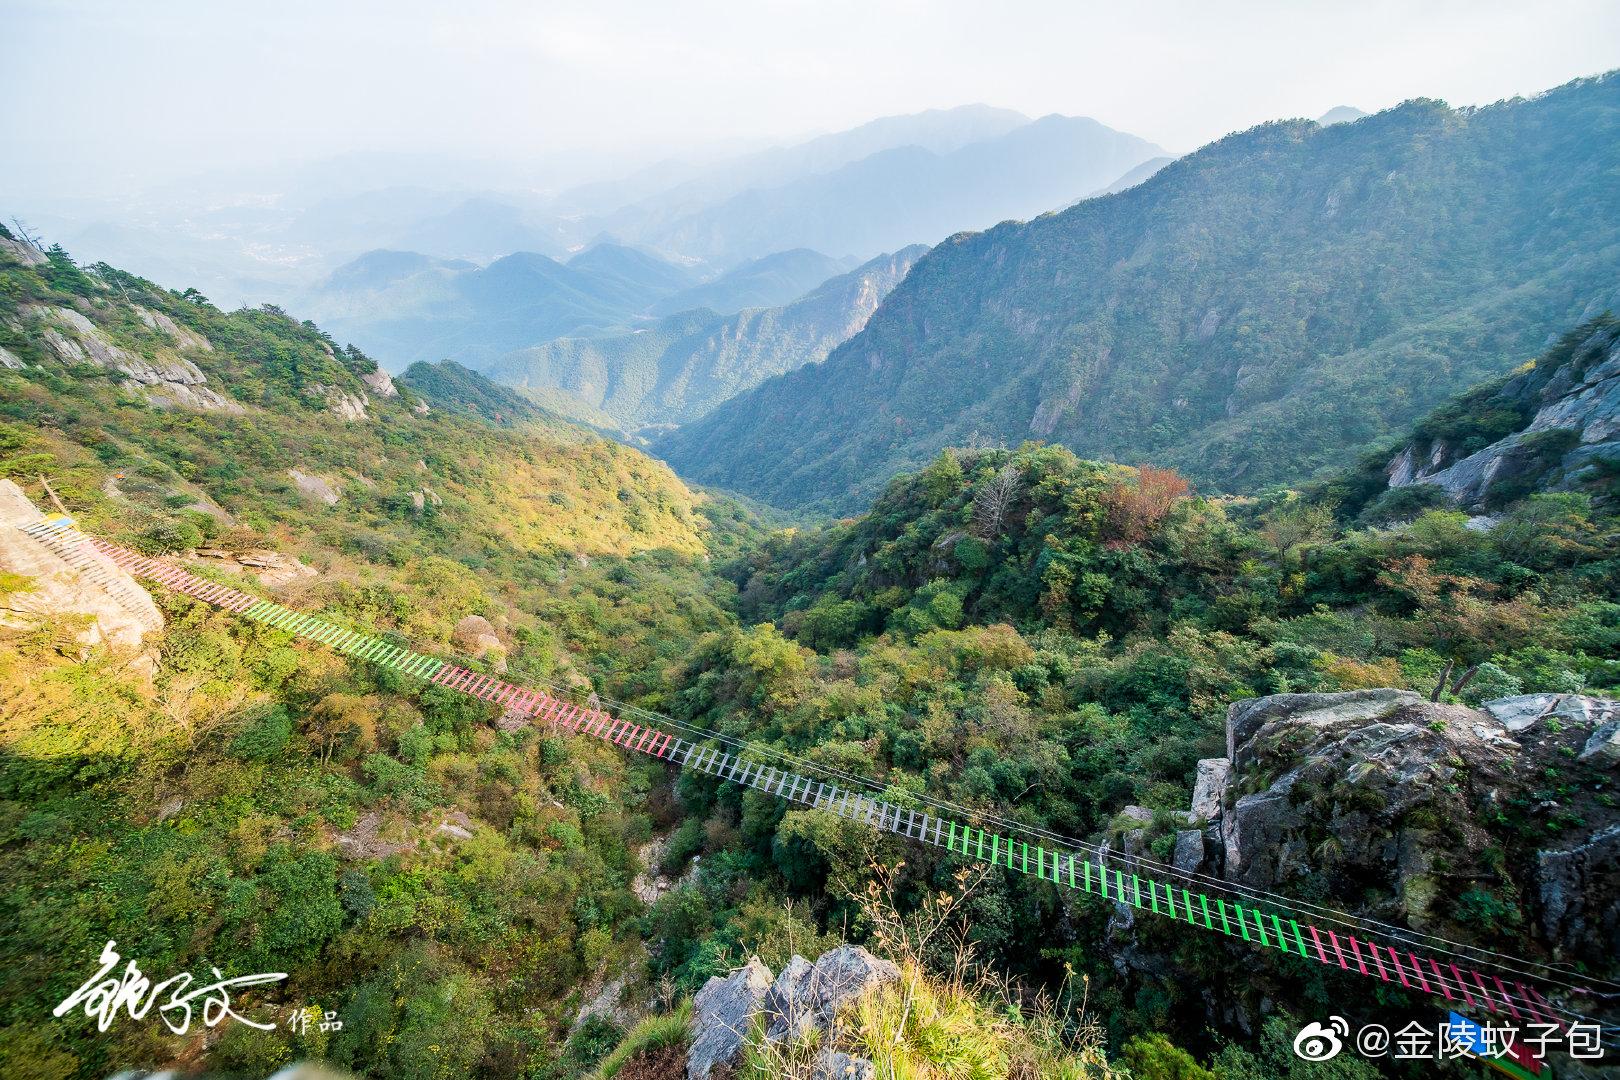 浙江,安吉,云上草原,山顶上的云层的下面覆盖了90%生态竹林